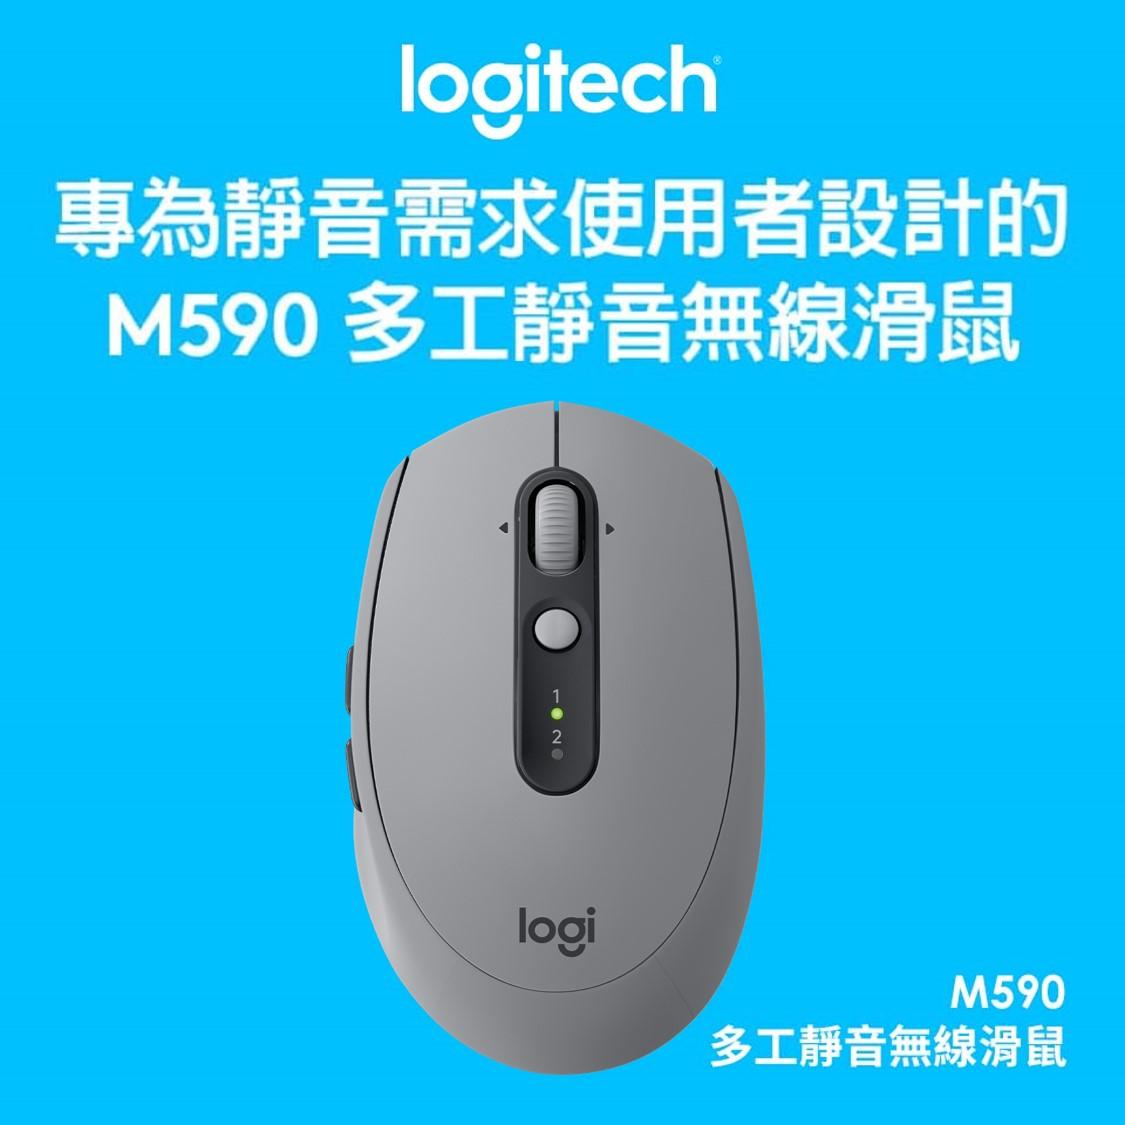 羅技M590多工靜音無線滑鼠-石板灰